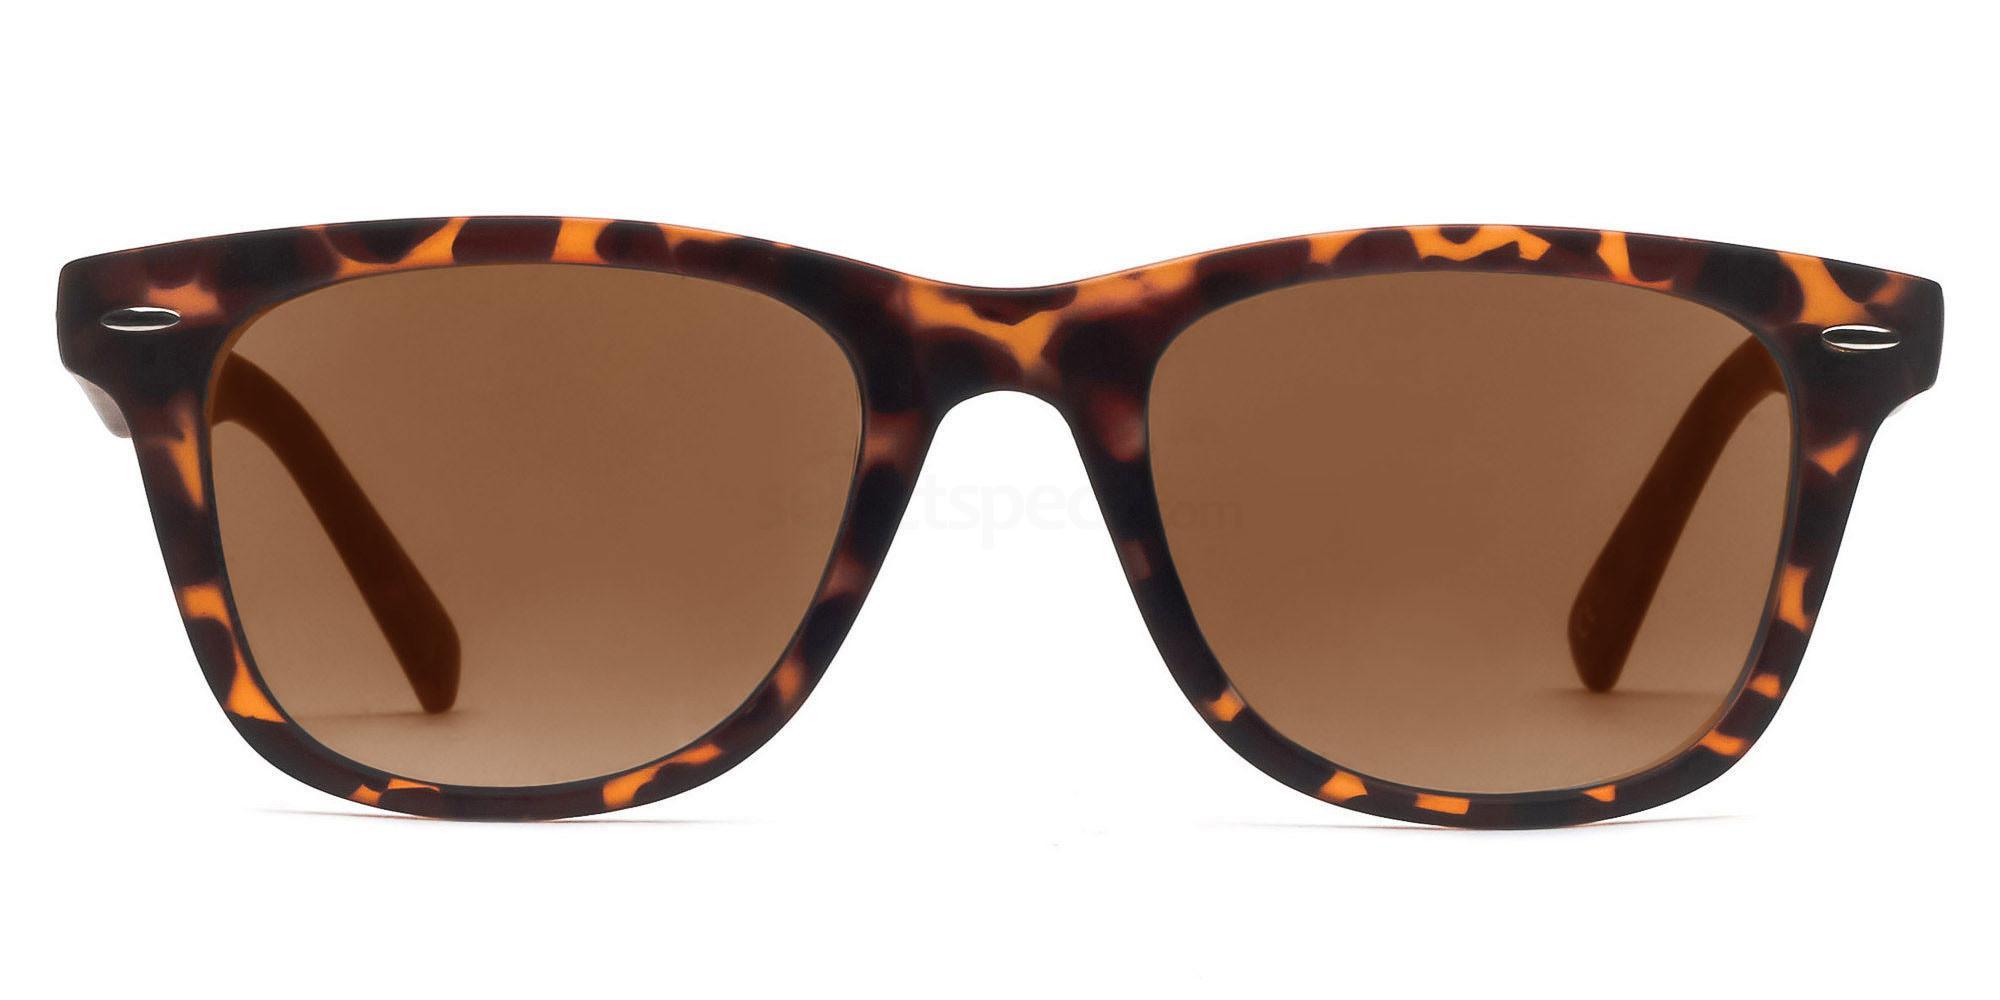 Savannah 8121 glasses